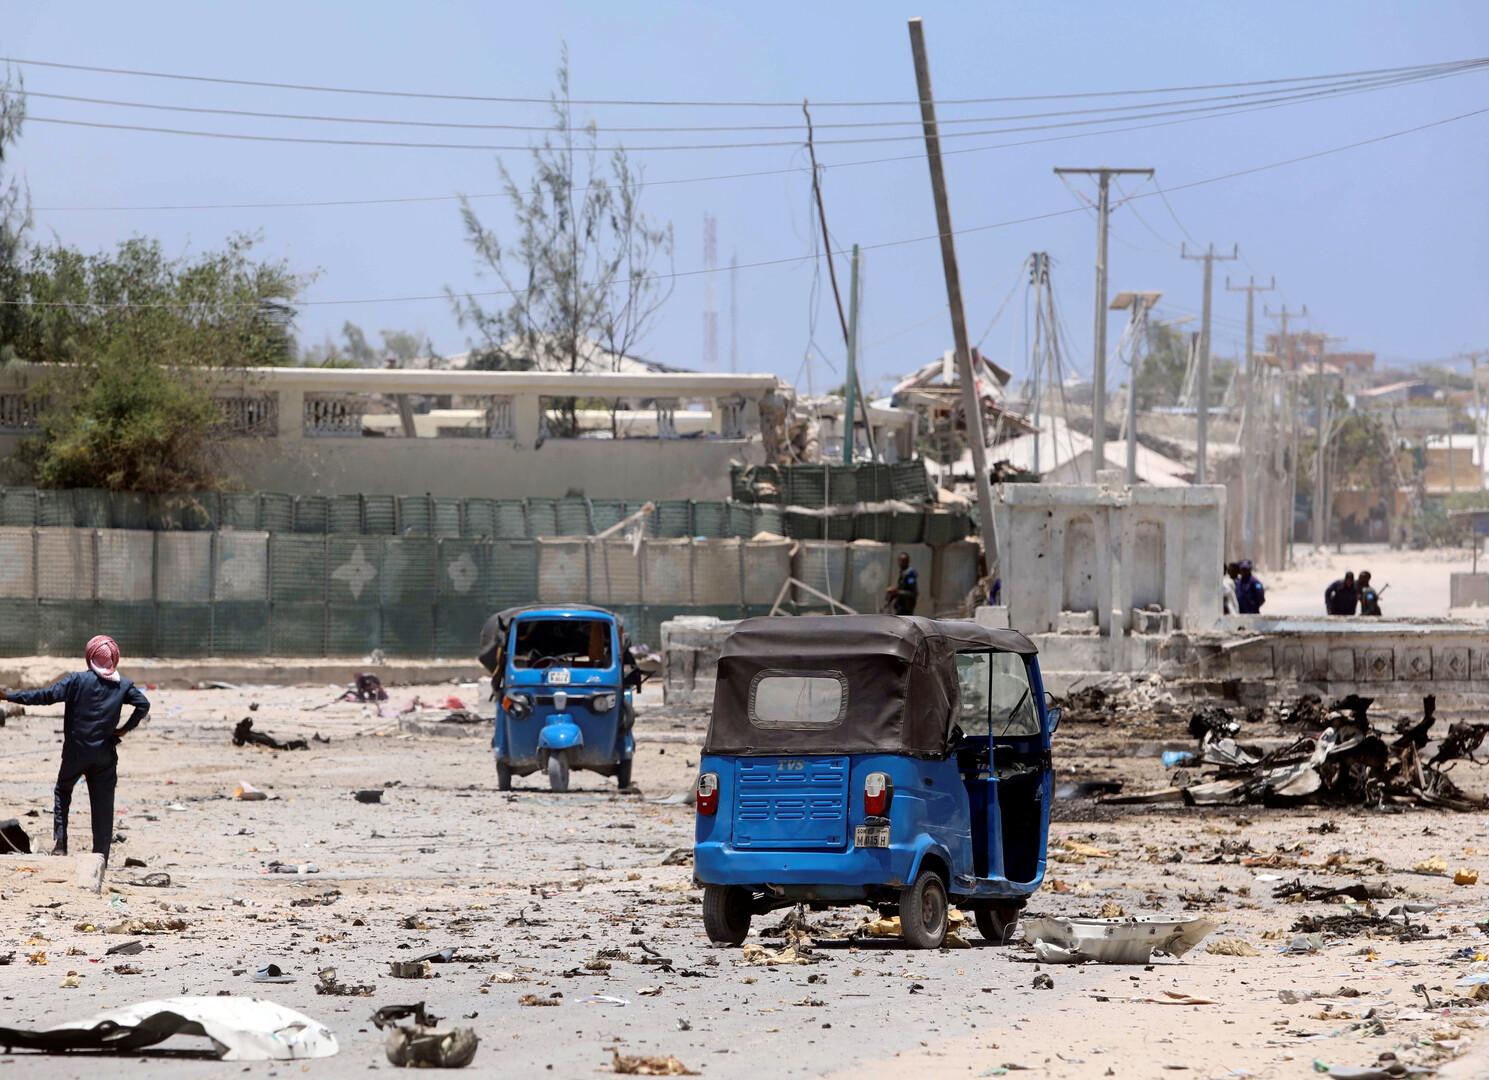 سلسلة تفجيرات تستهدف قاعدة أمريكية وموكبا عسكريا إيطاليا في الصومال